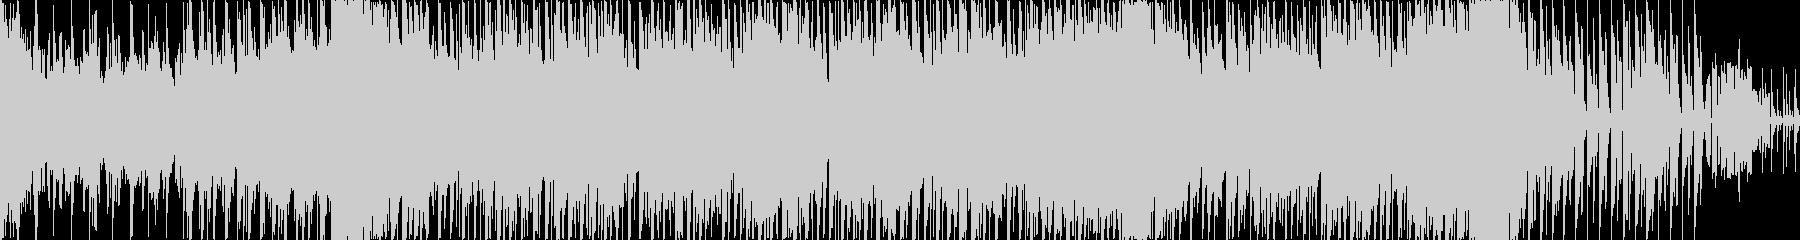 アクセルを全開にしたくなるユーロビート3の未再生の波形